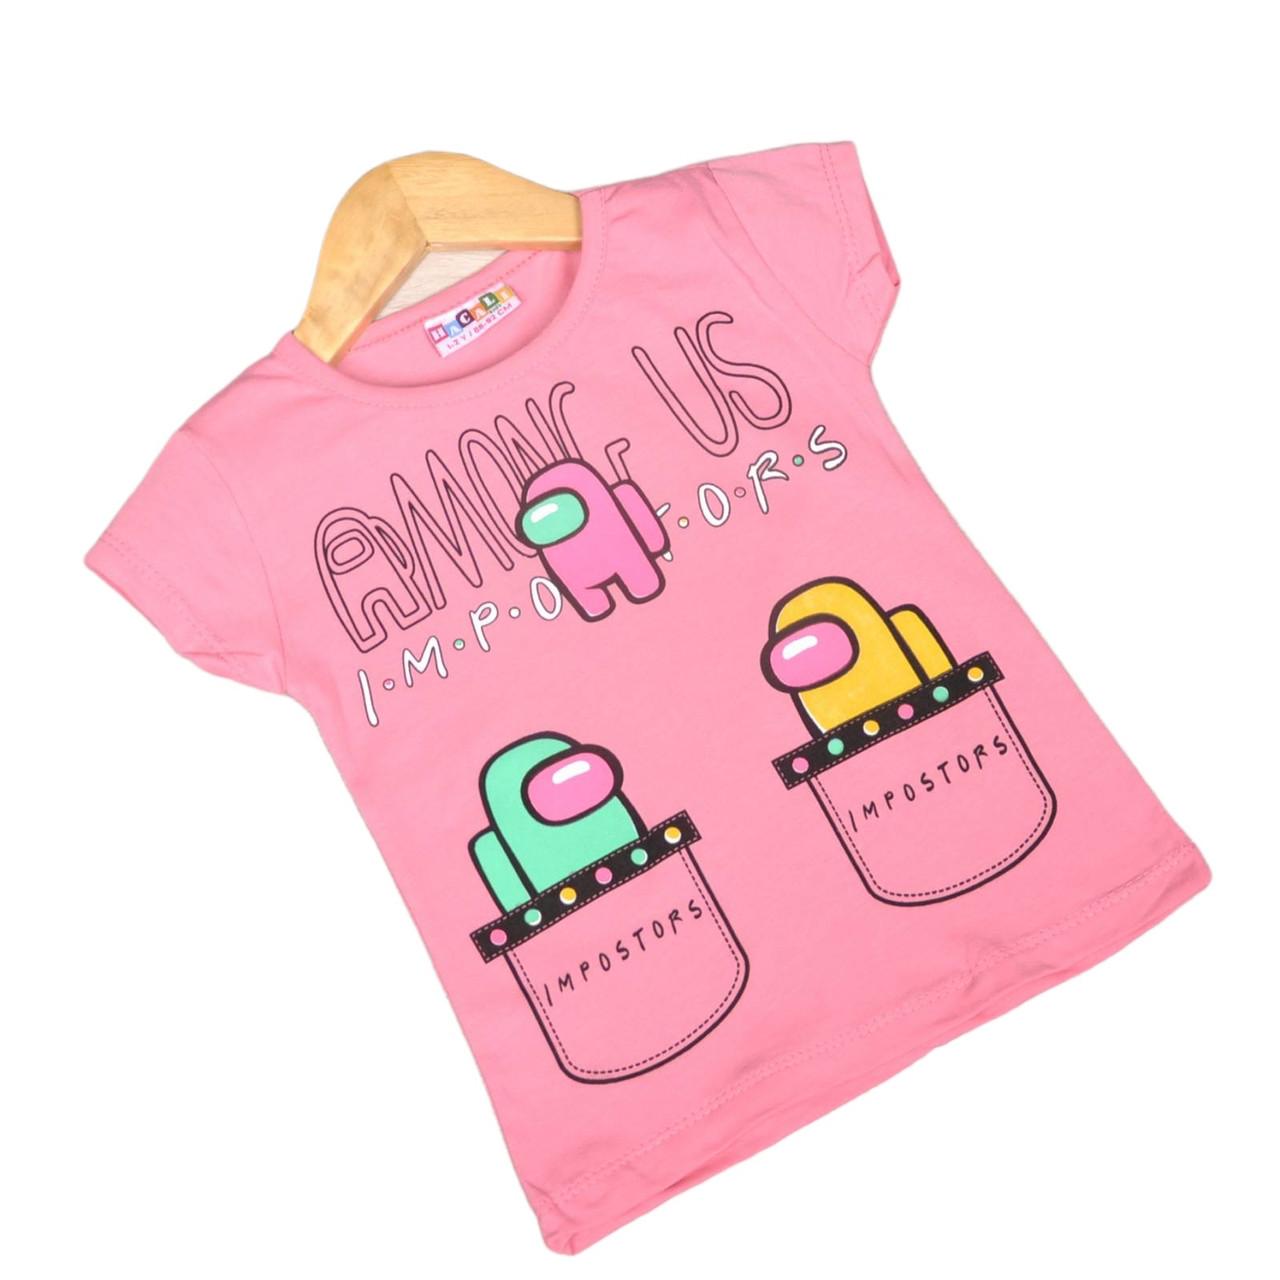 Детская футболка для девочки Амонг Ас, 116см